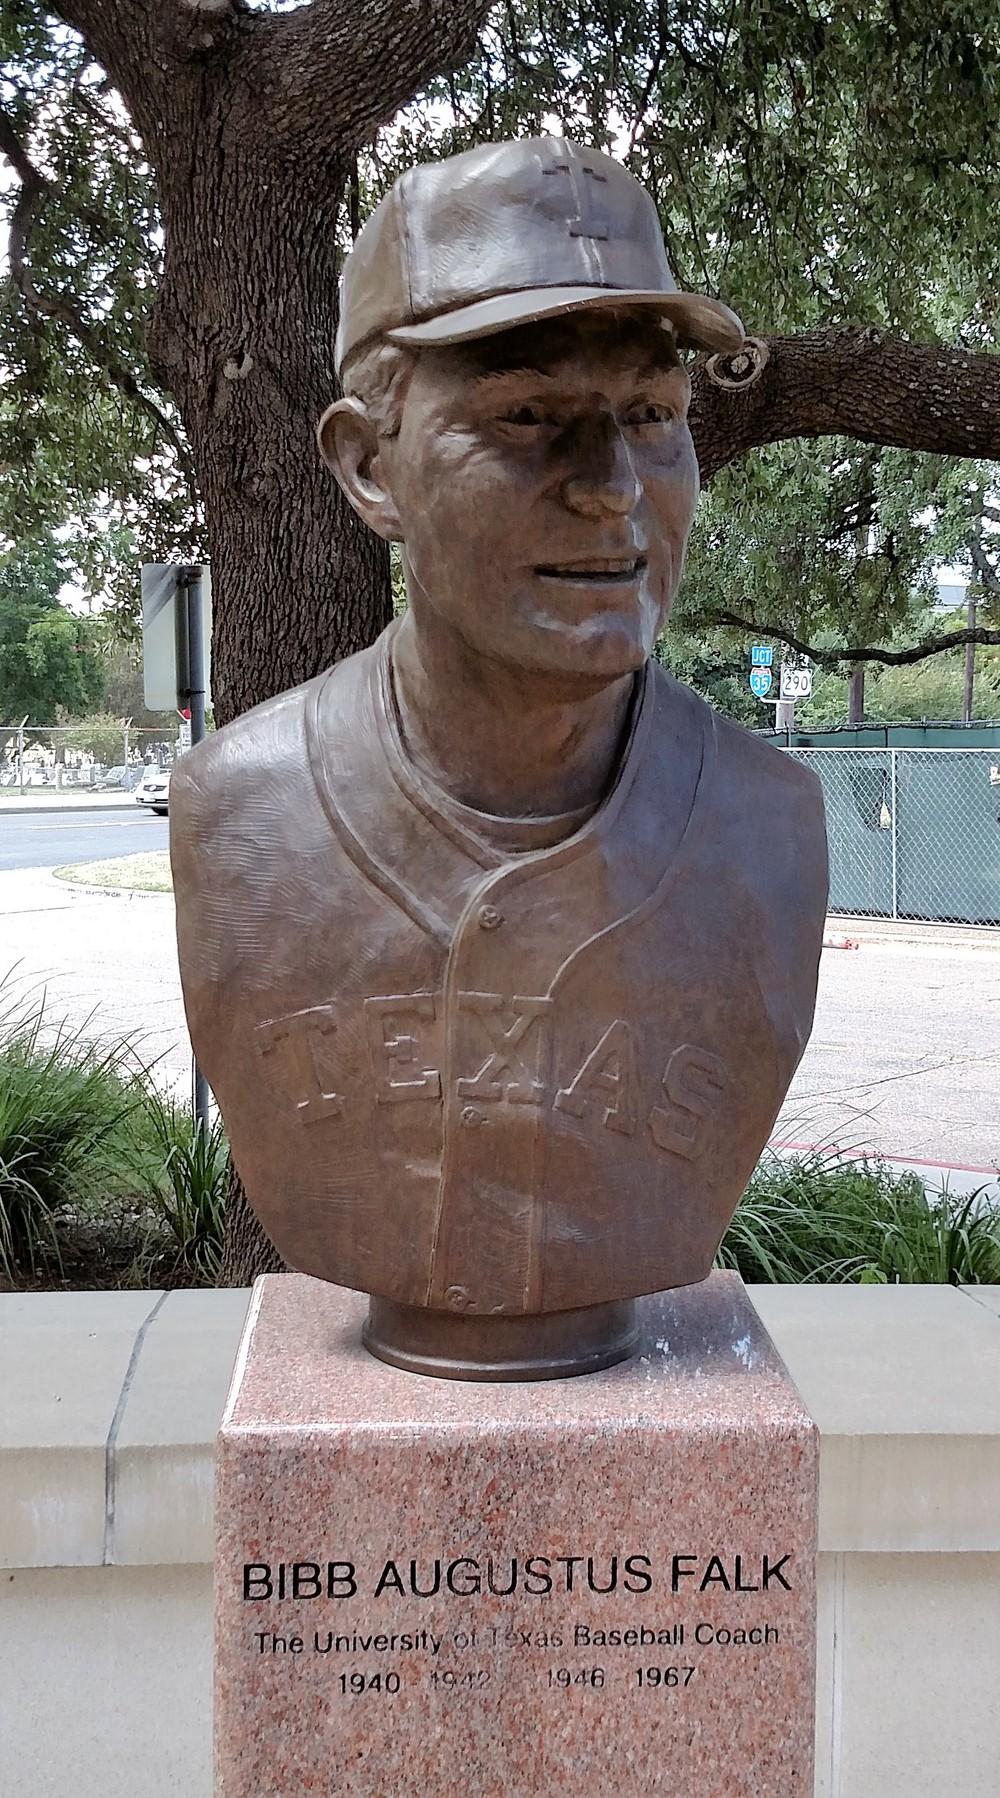 Coach Falk statute